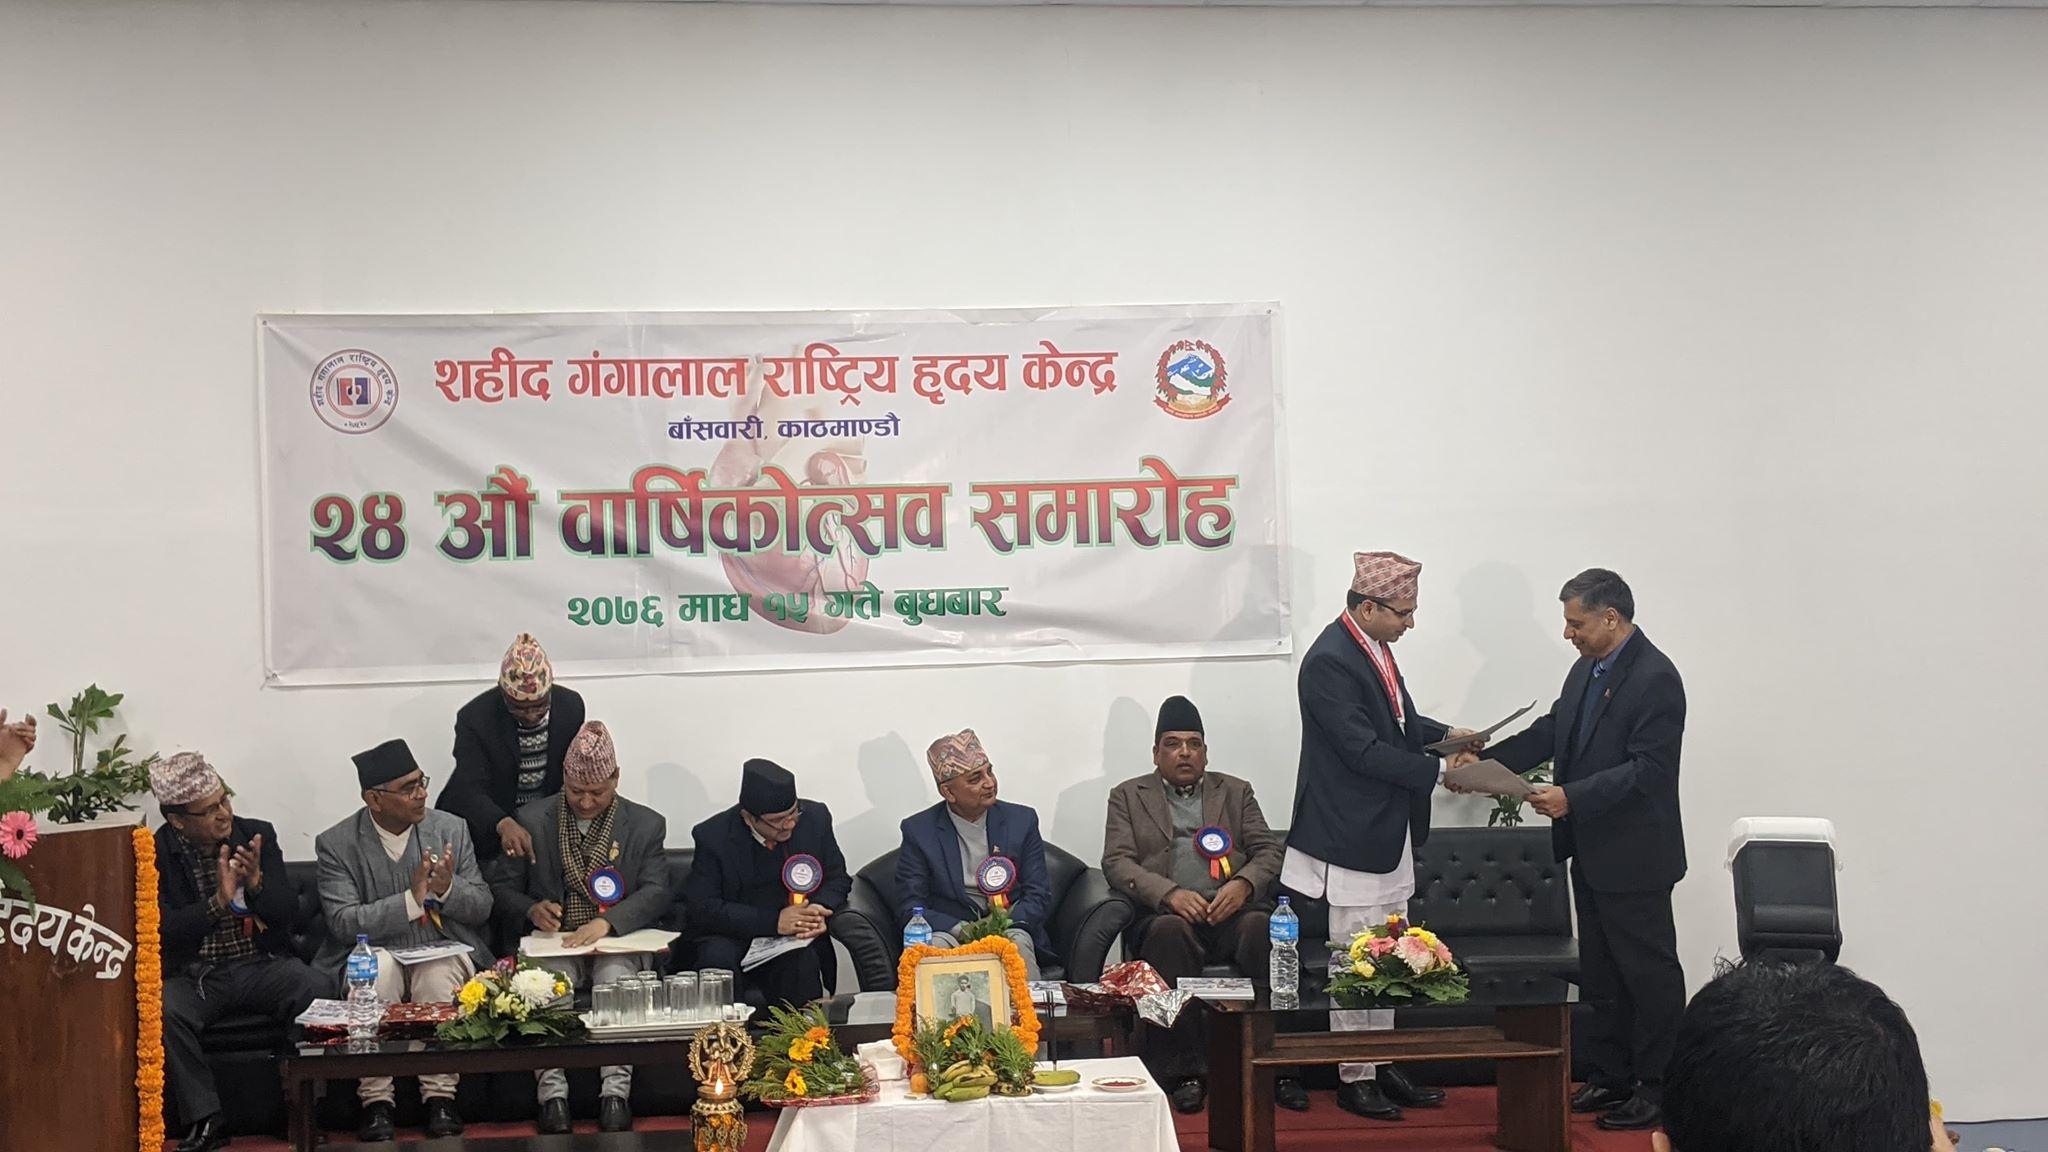 सहिद गंगालाल राष्ट्रिय हृदय केन्द्र को २४ औ बार्षिकोउत्सब को अवसर मा नेपाल सरकार स्वास्थ्य बीमा बोर्ड र सहिद गंगालाल राष्ट्रिय हृदय केन्द्र बीच सम्झौता र सेवा सुभारम्भ कार्यक्रम सम्पन्न .